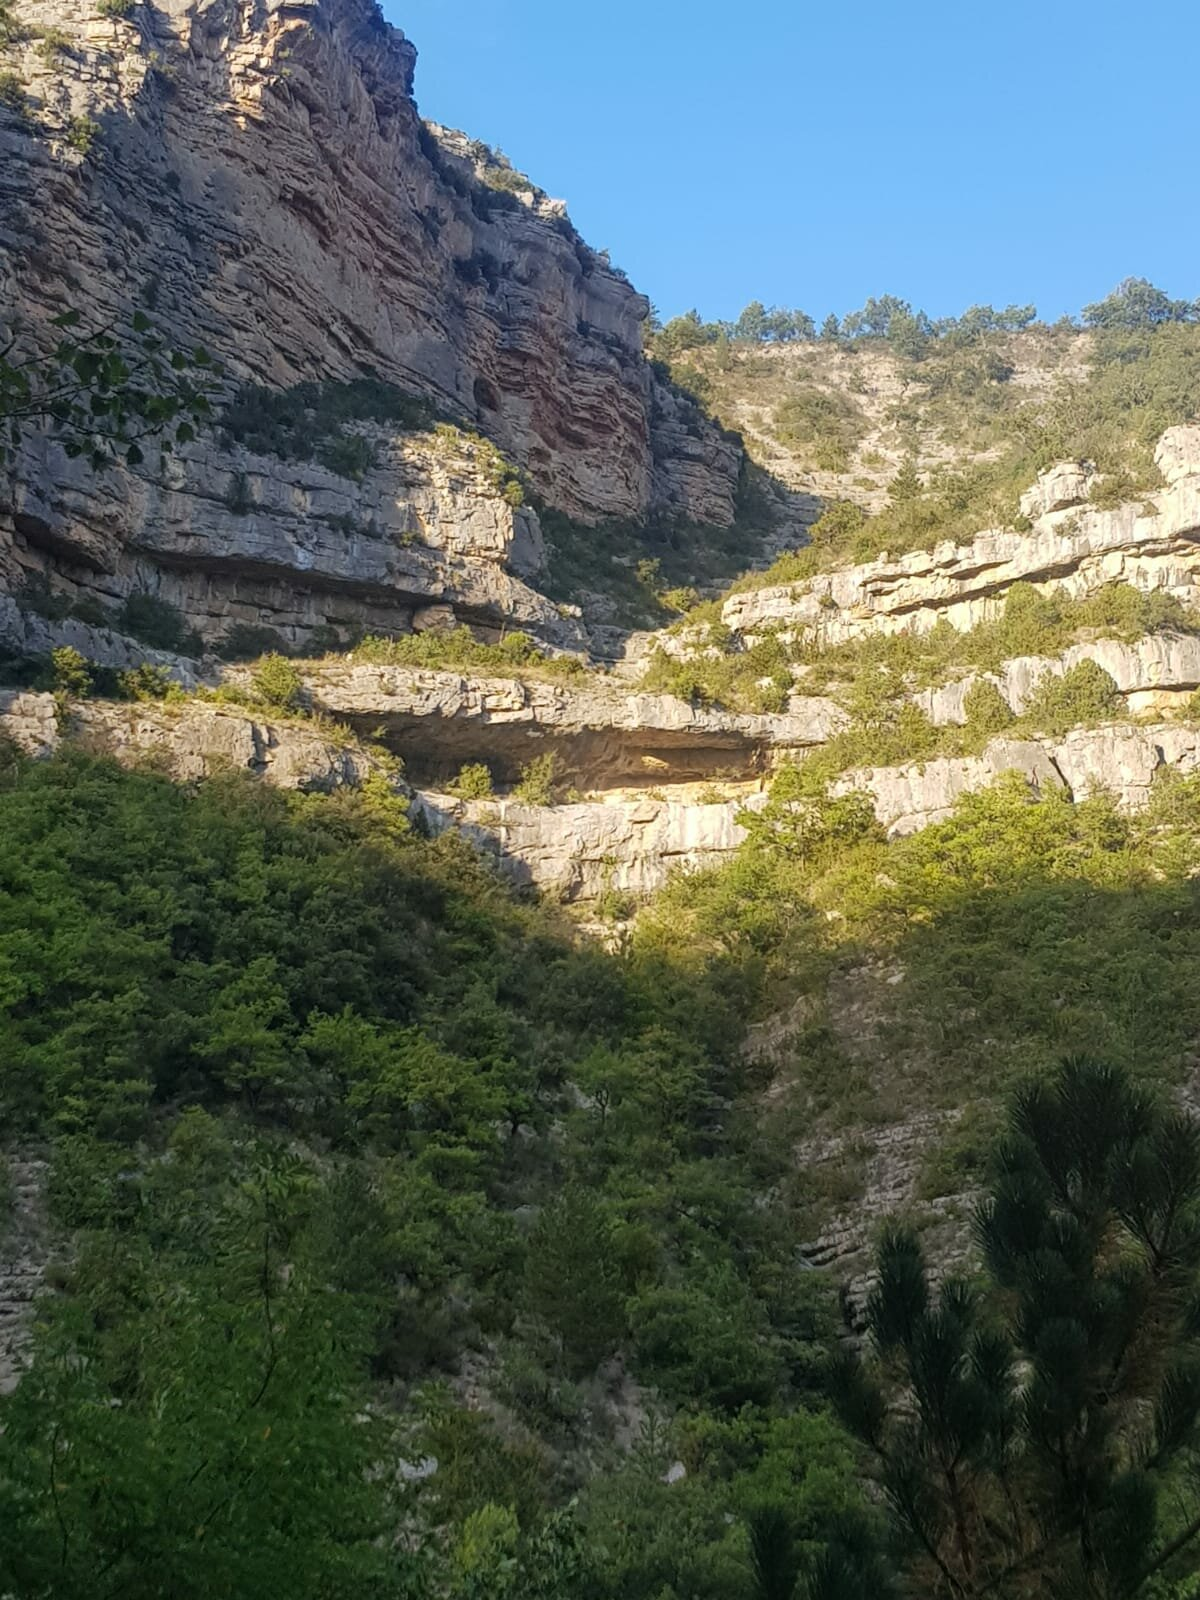 Le rocher du Caire vu des bords de l'Oulle